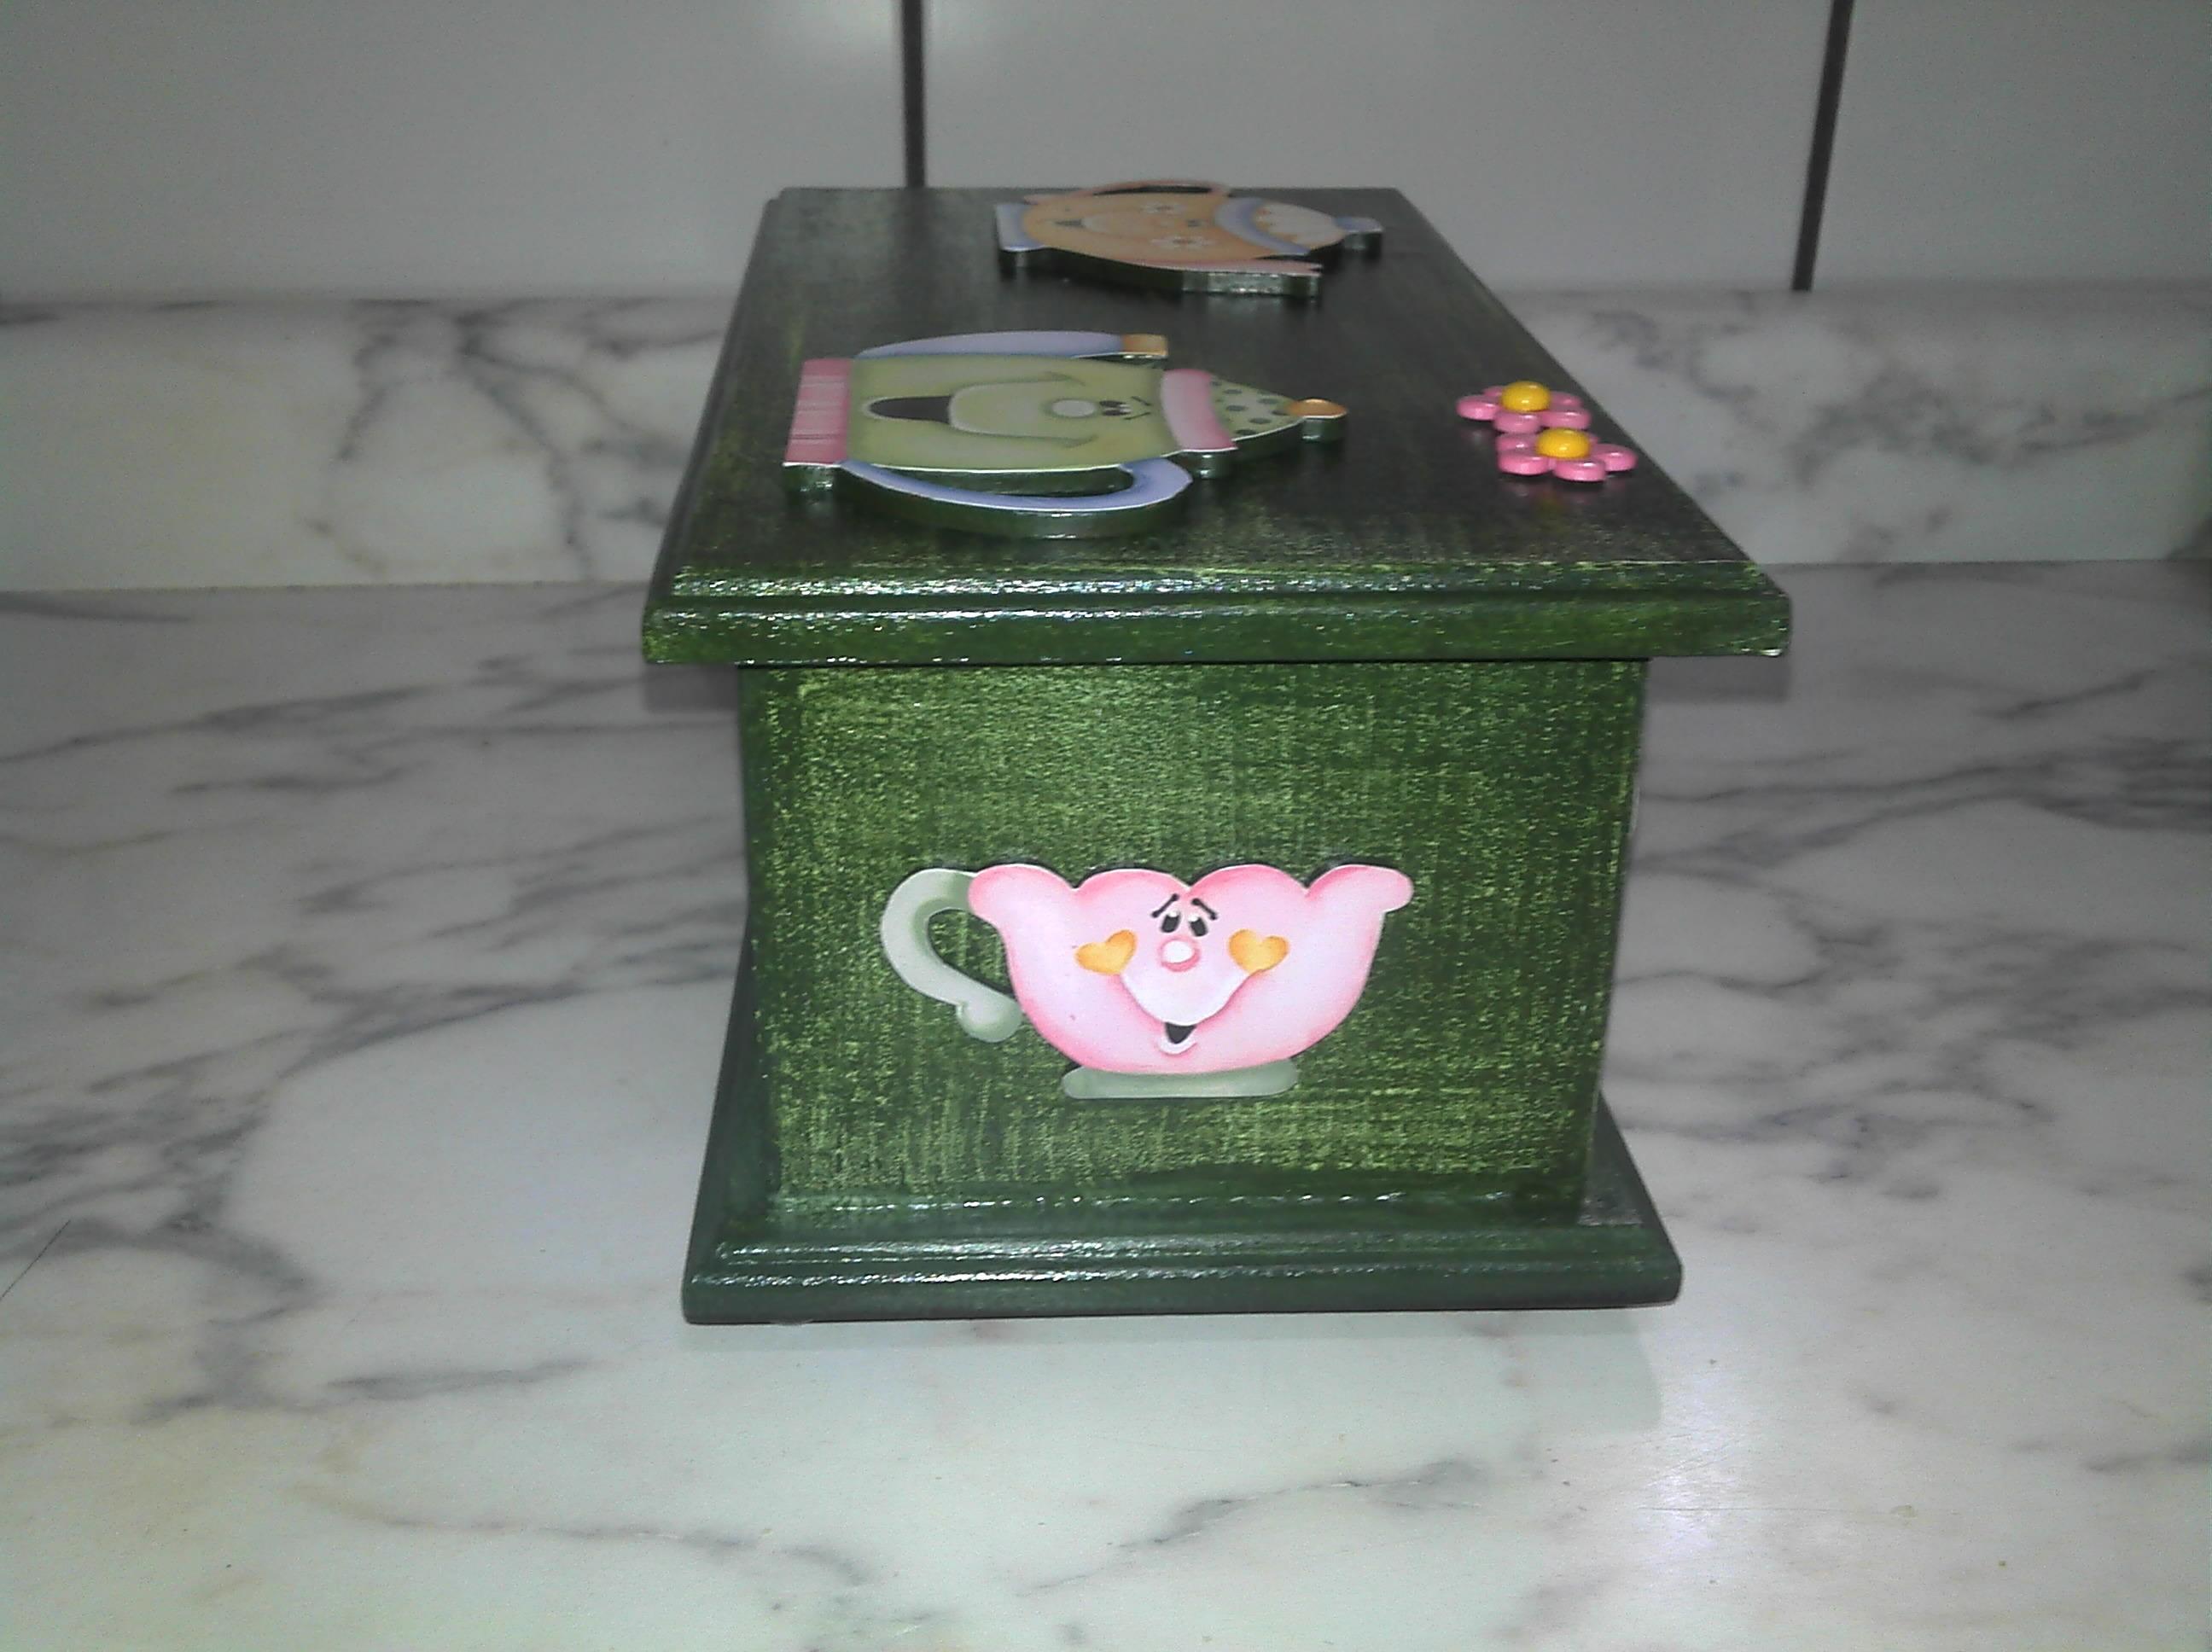 de cha com decoupage em madeira caixa de cha com decoupage em madeira  #846F47 2592x1936